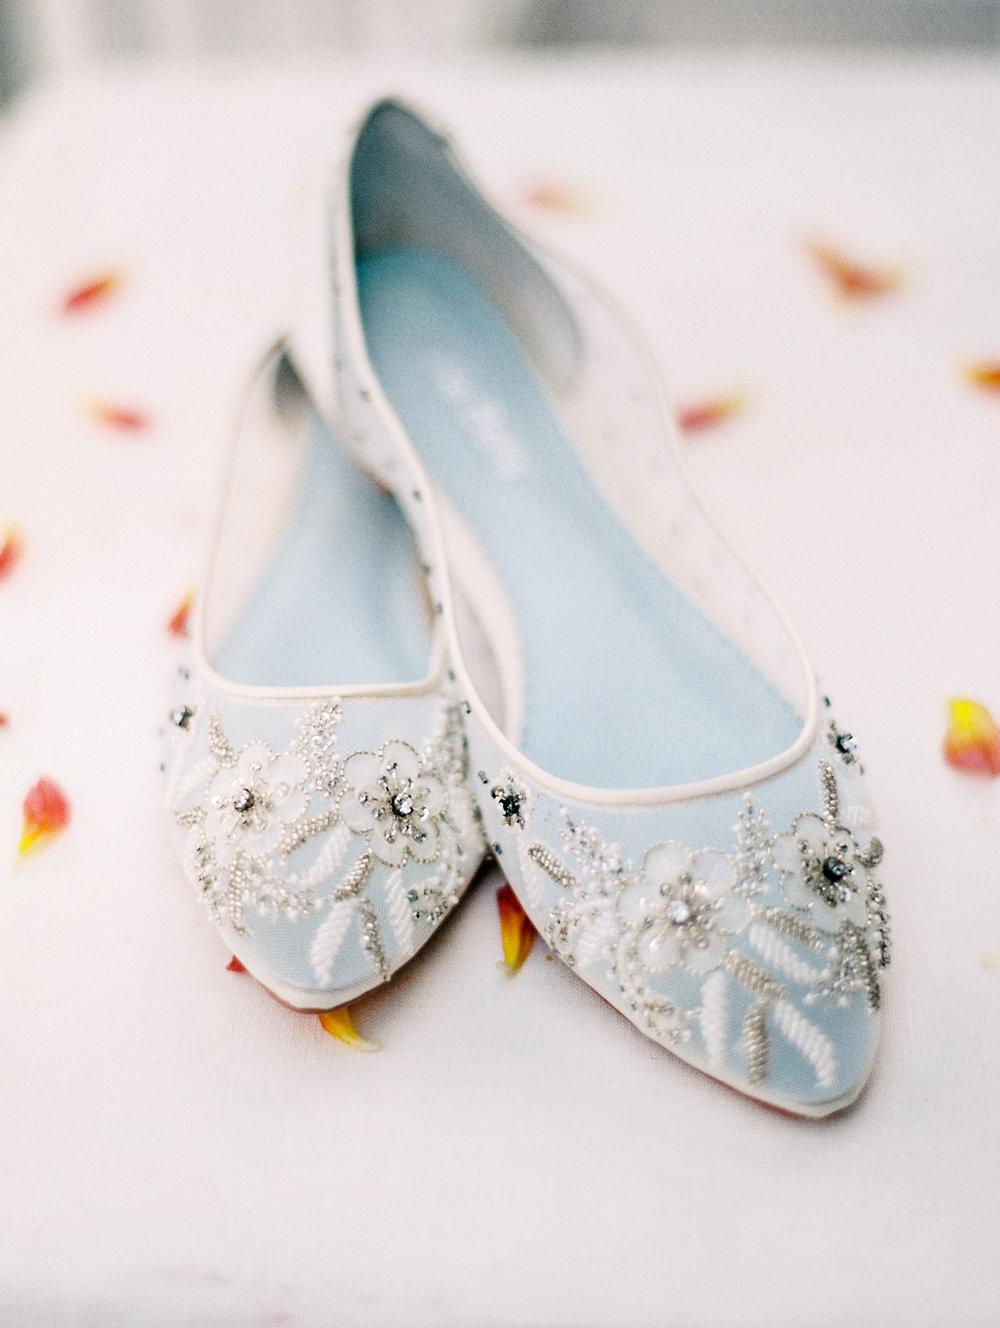 Govathoti+Wedding+Details-58.jpg